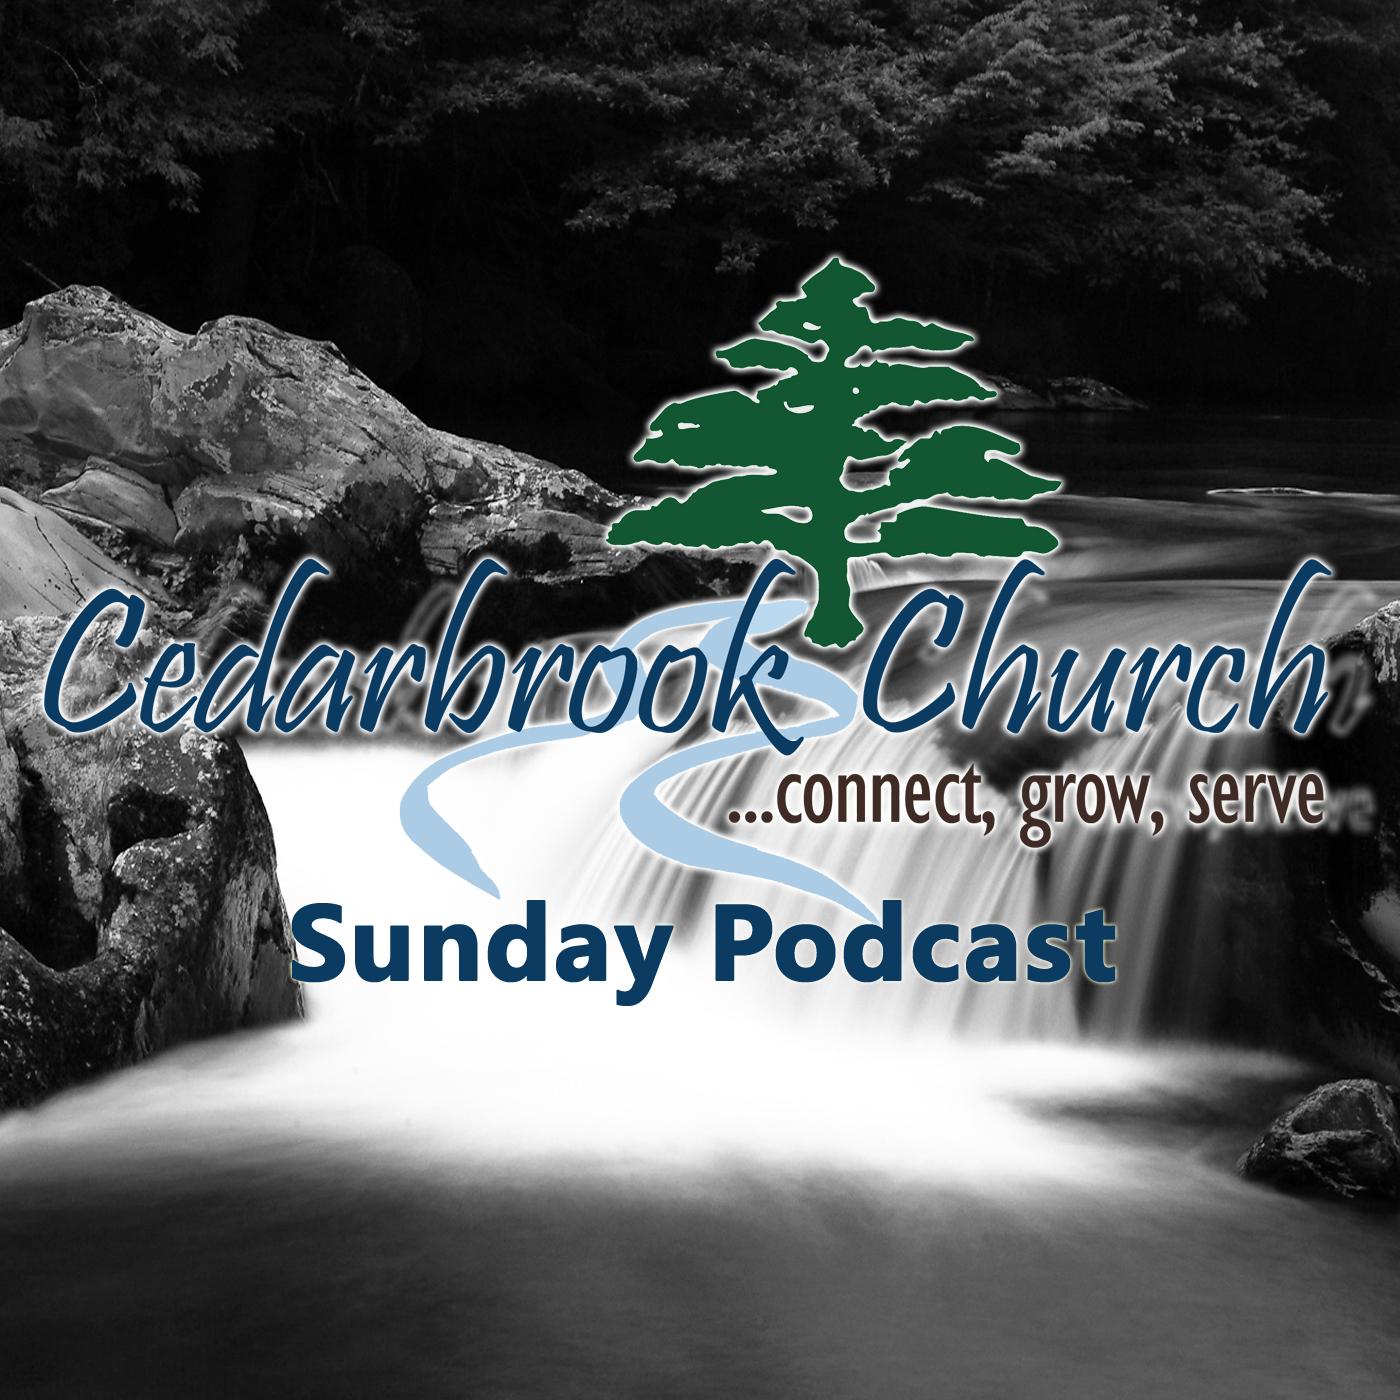 Cedarbrook Church Sunday Podcast logo